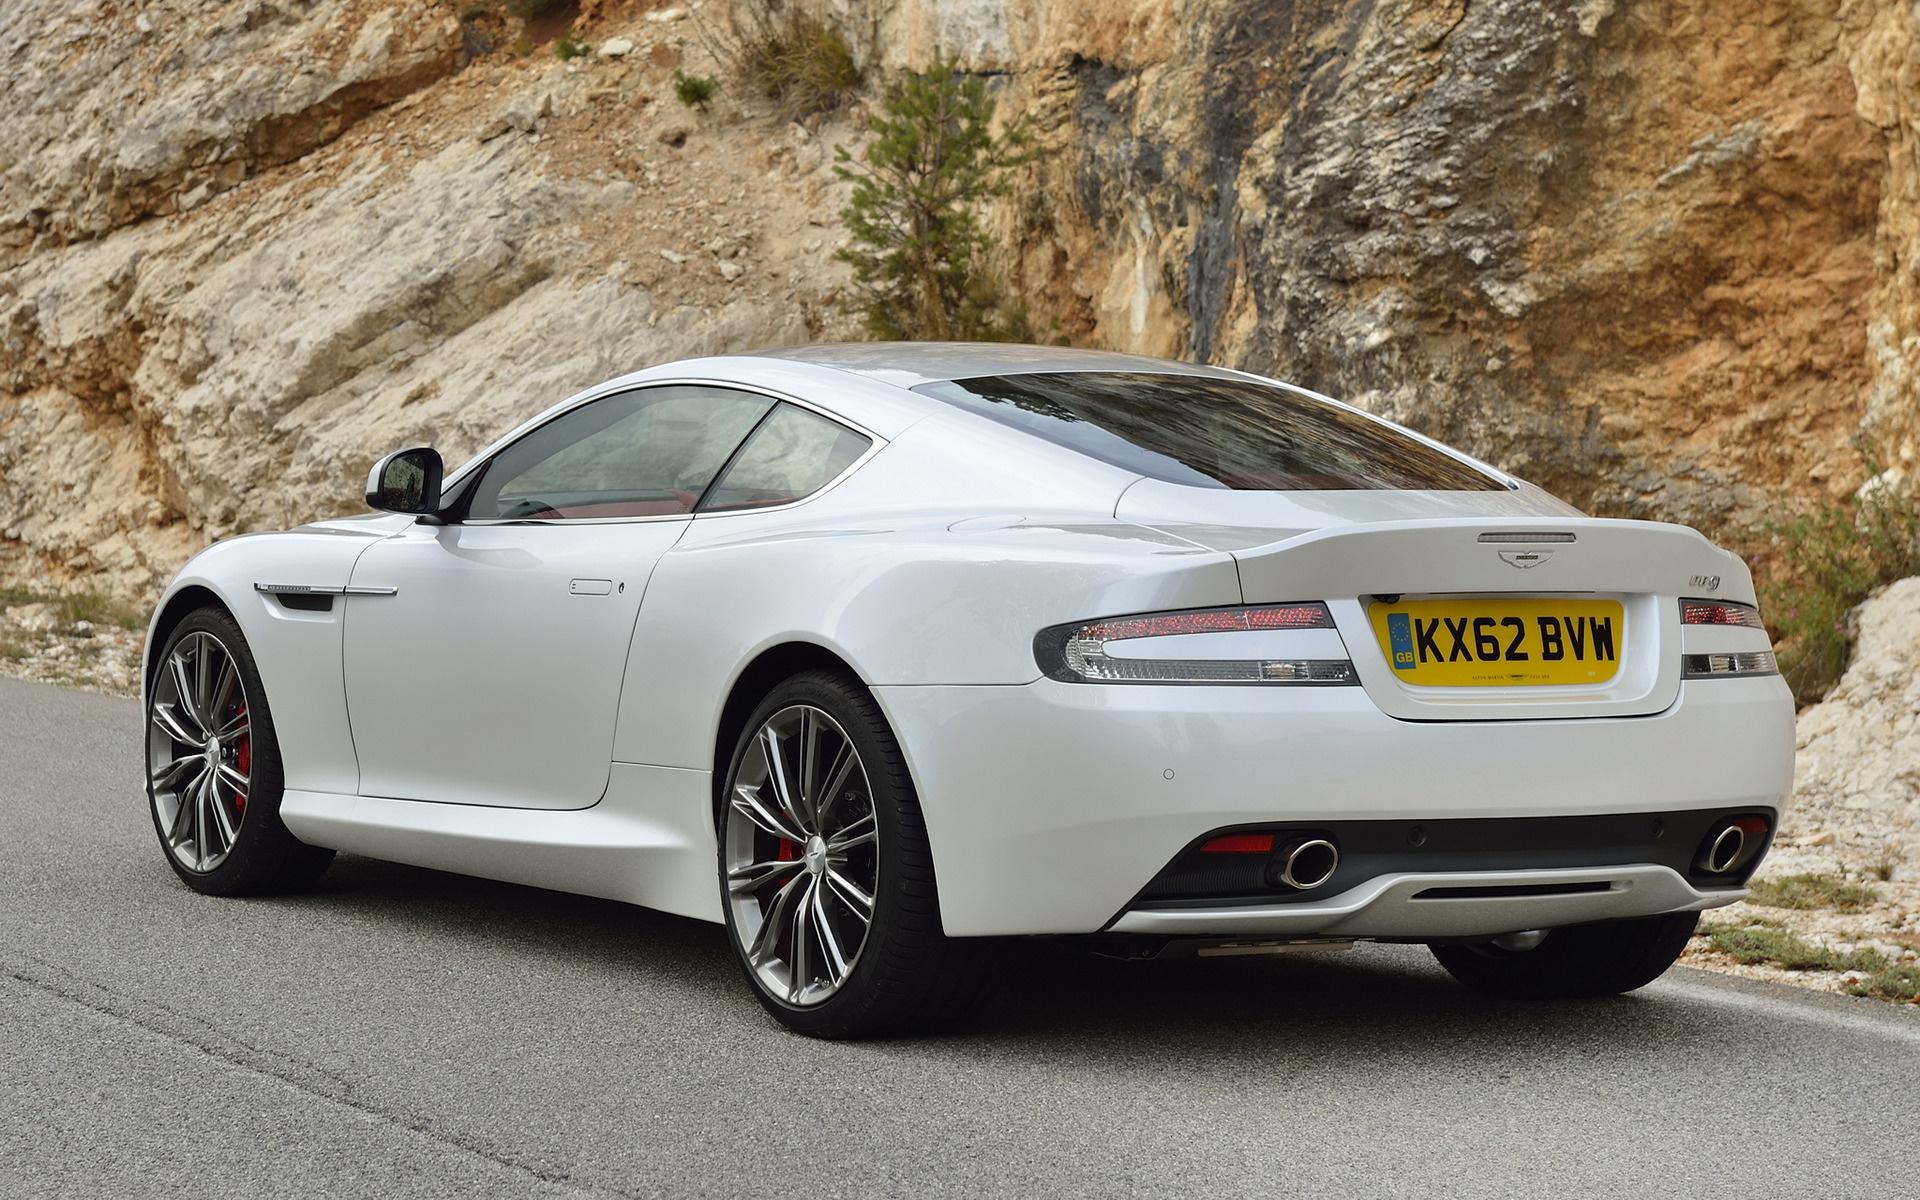 2012 Aston Martin Db9 Uk Hintergrundbilder Und Wallpaper In Hd Car Pixel